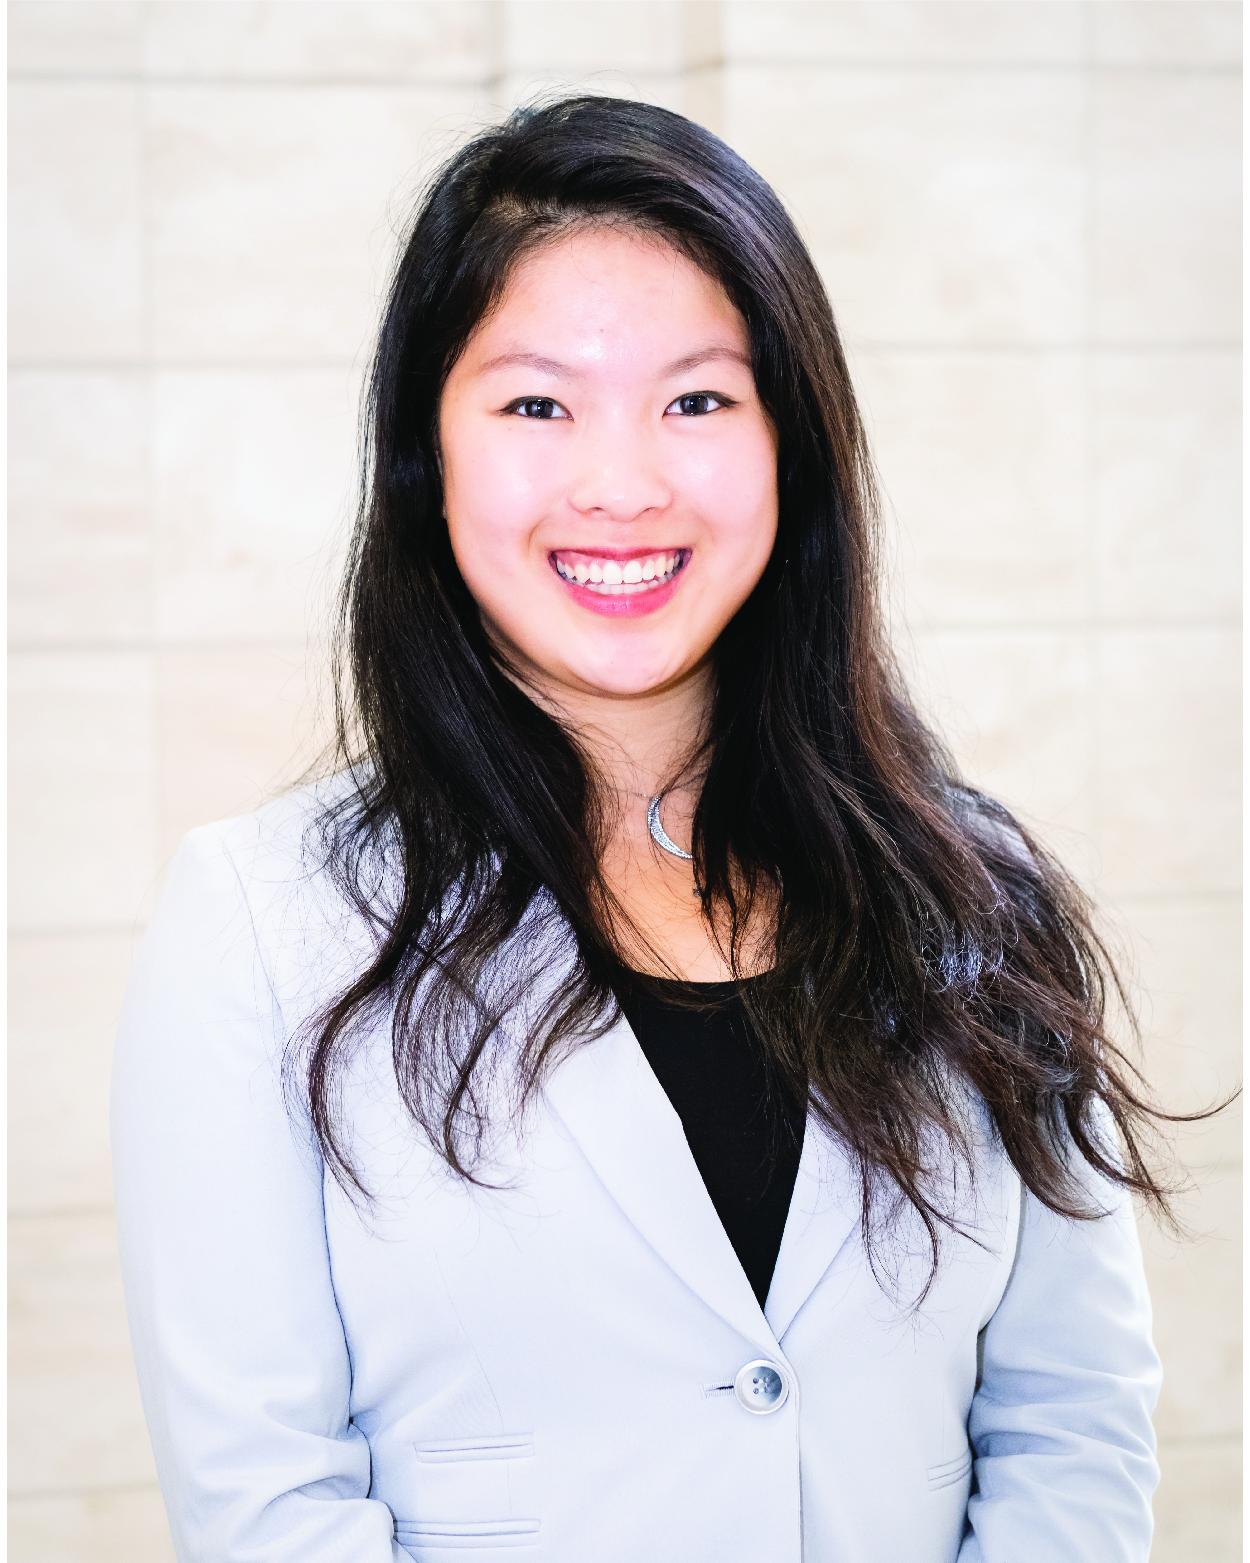 Angela Wang  Intern at IW Group